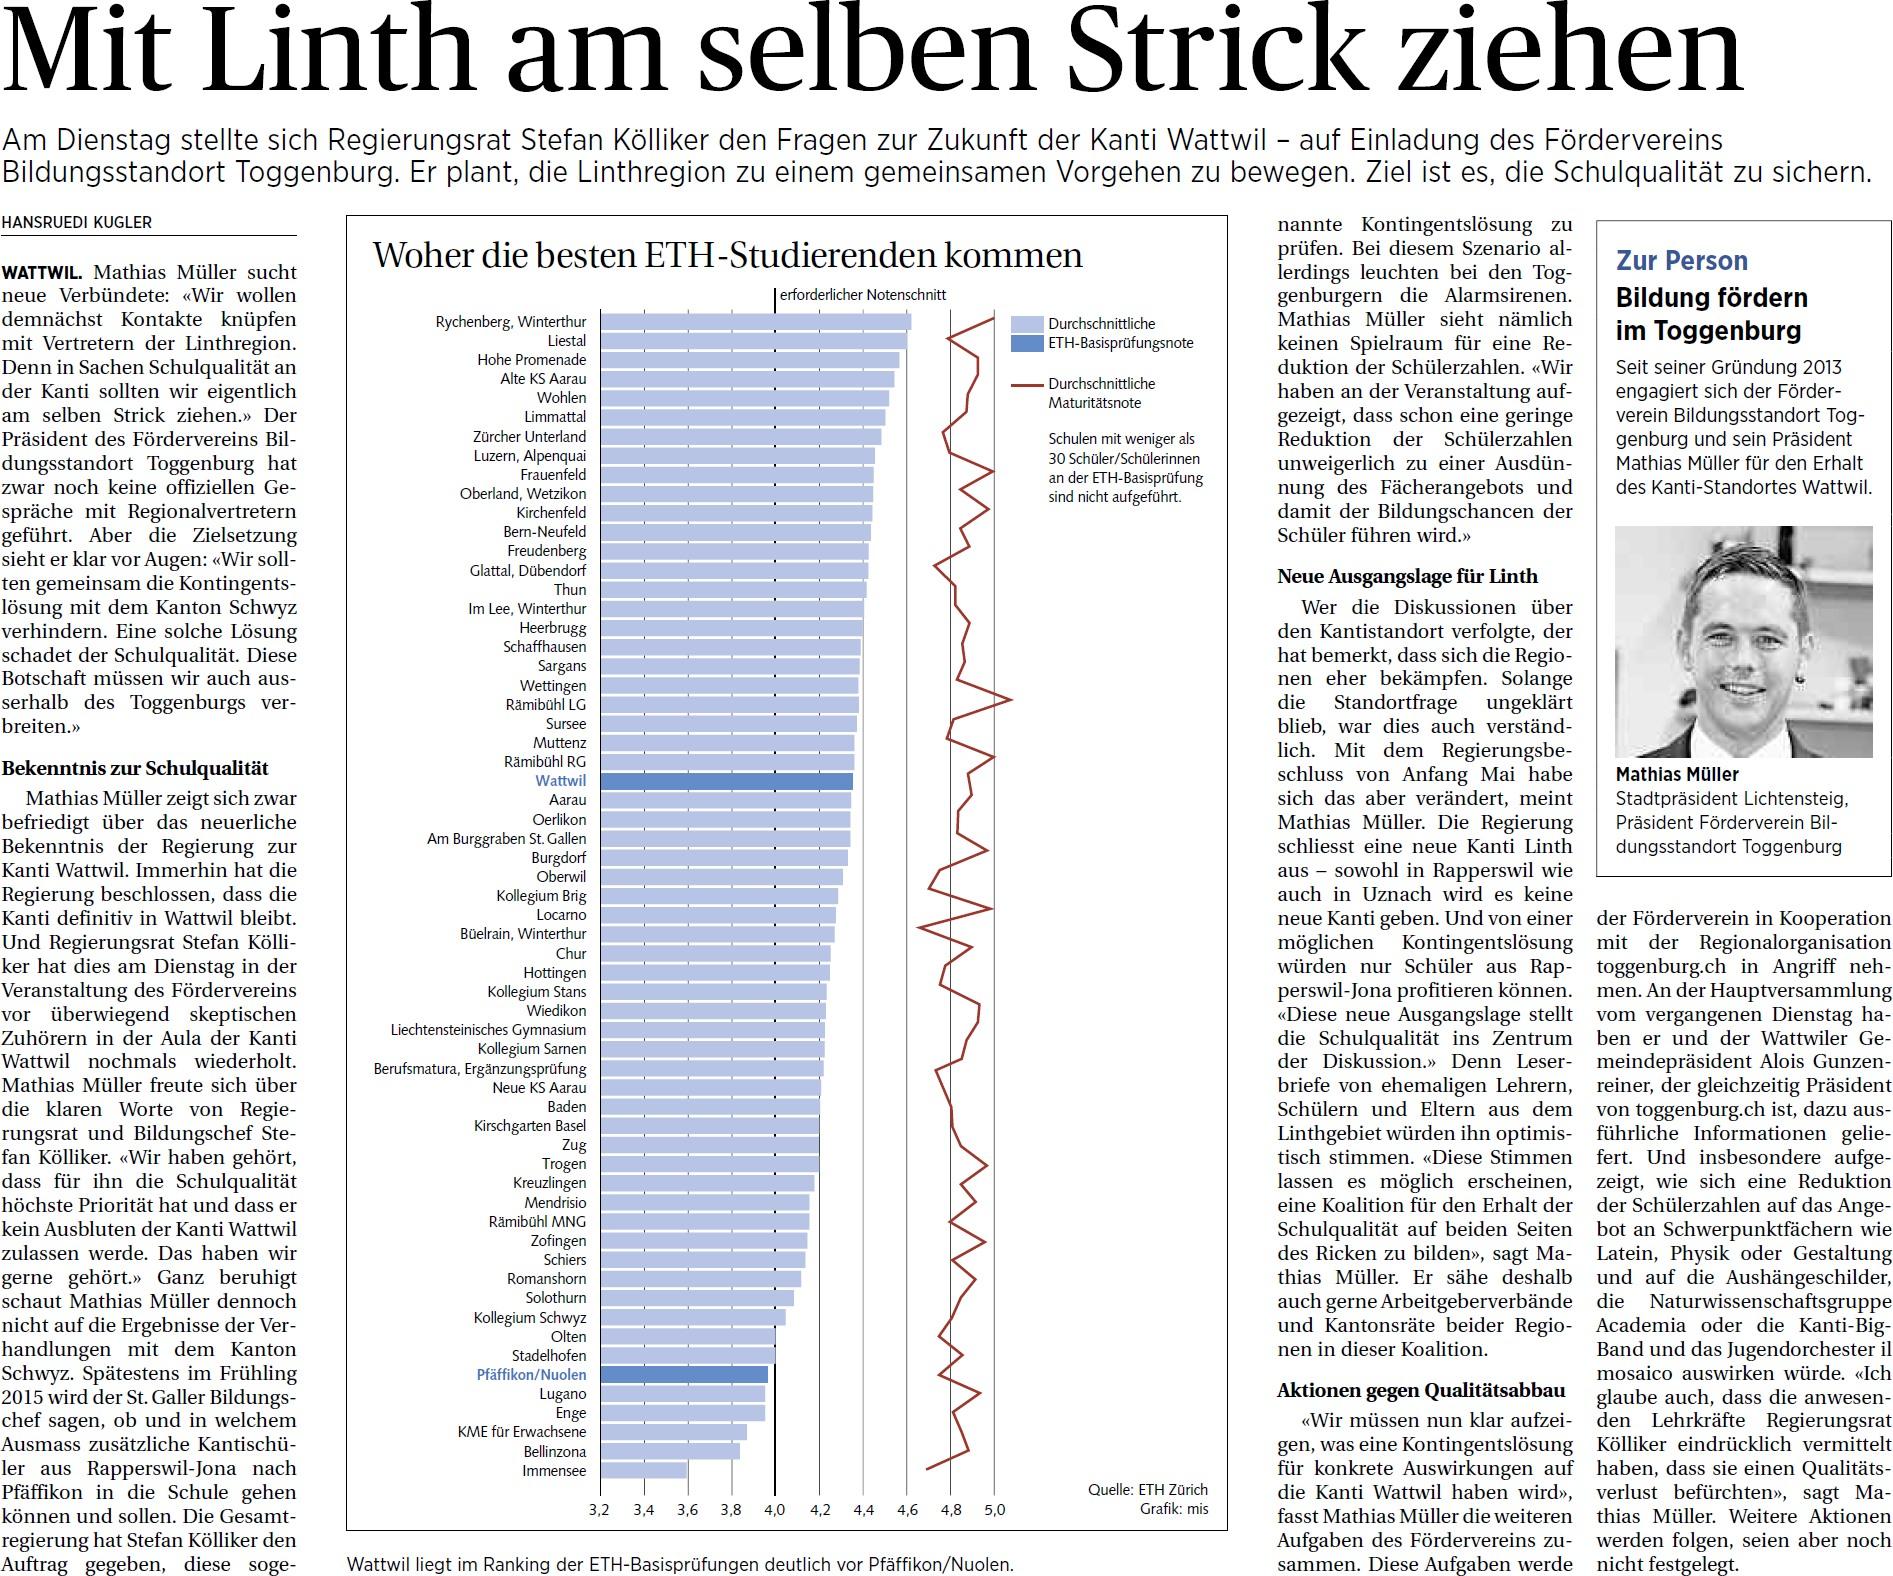 Mit Linth am selben Strick ziehen (Freitag, 06.06.2014)